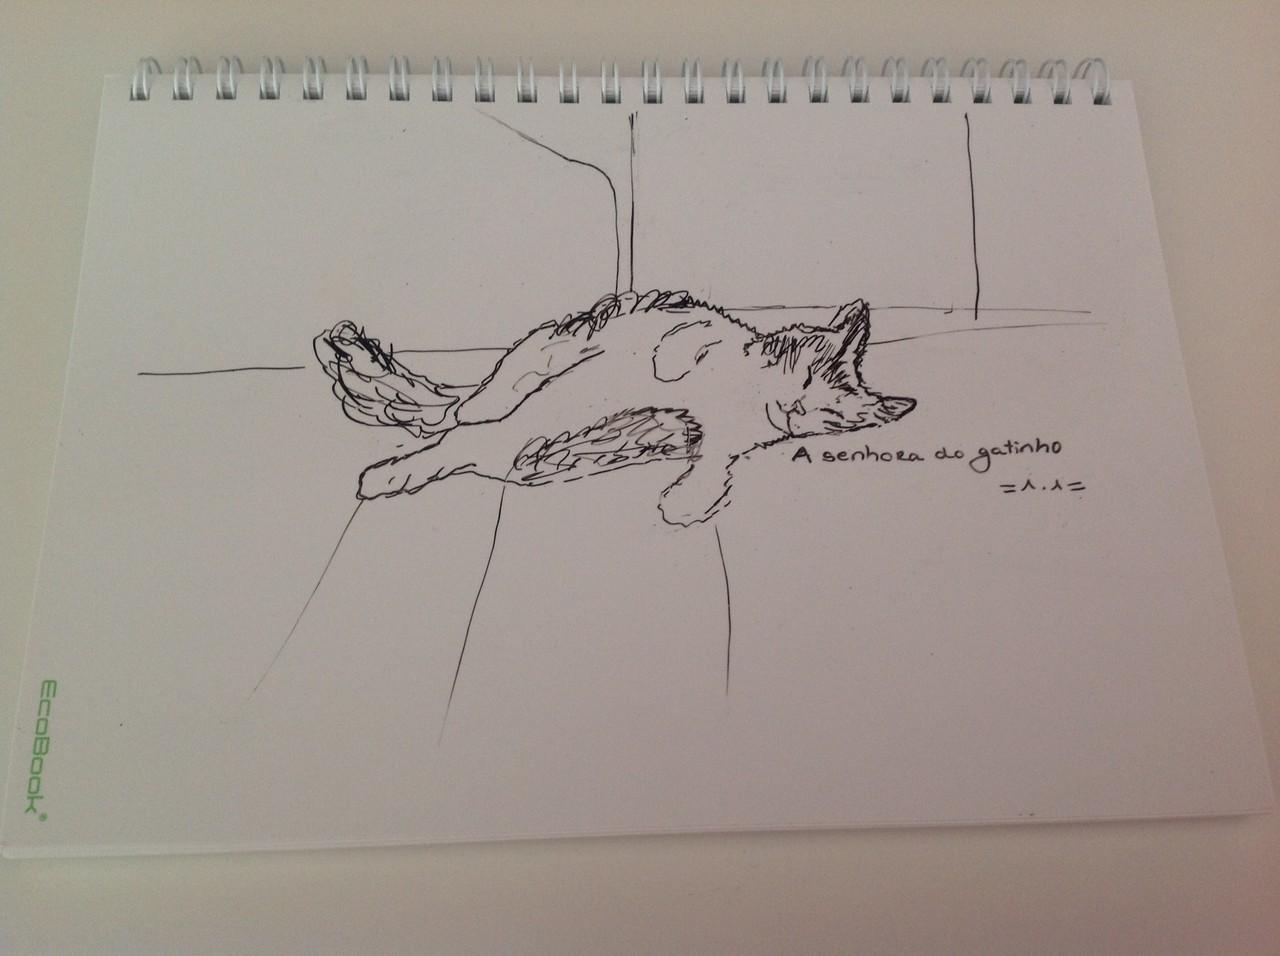 desenho.JPG